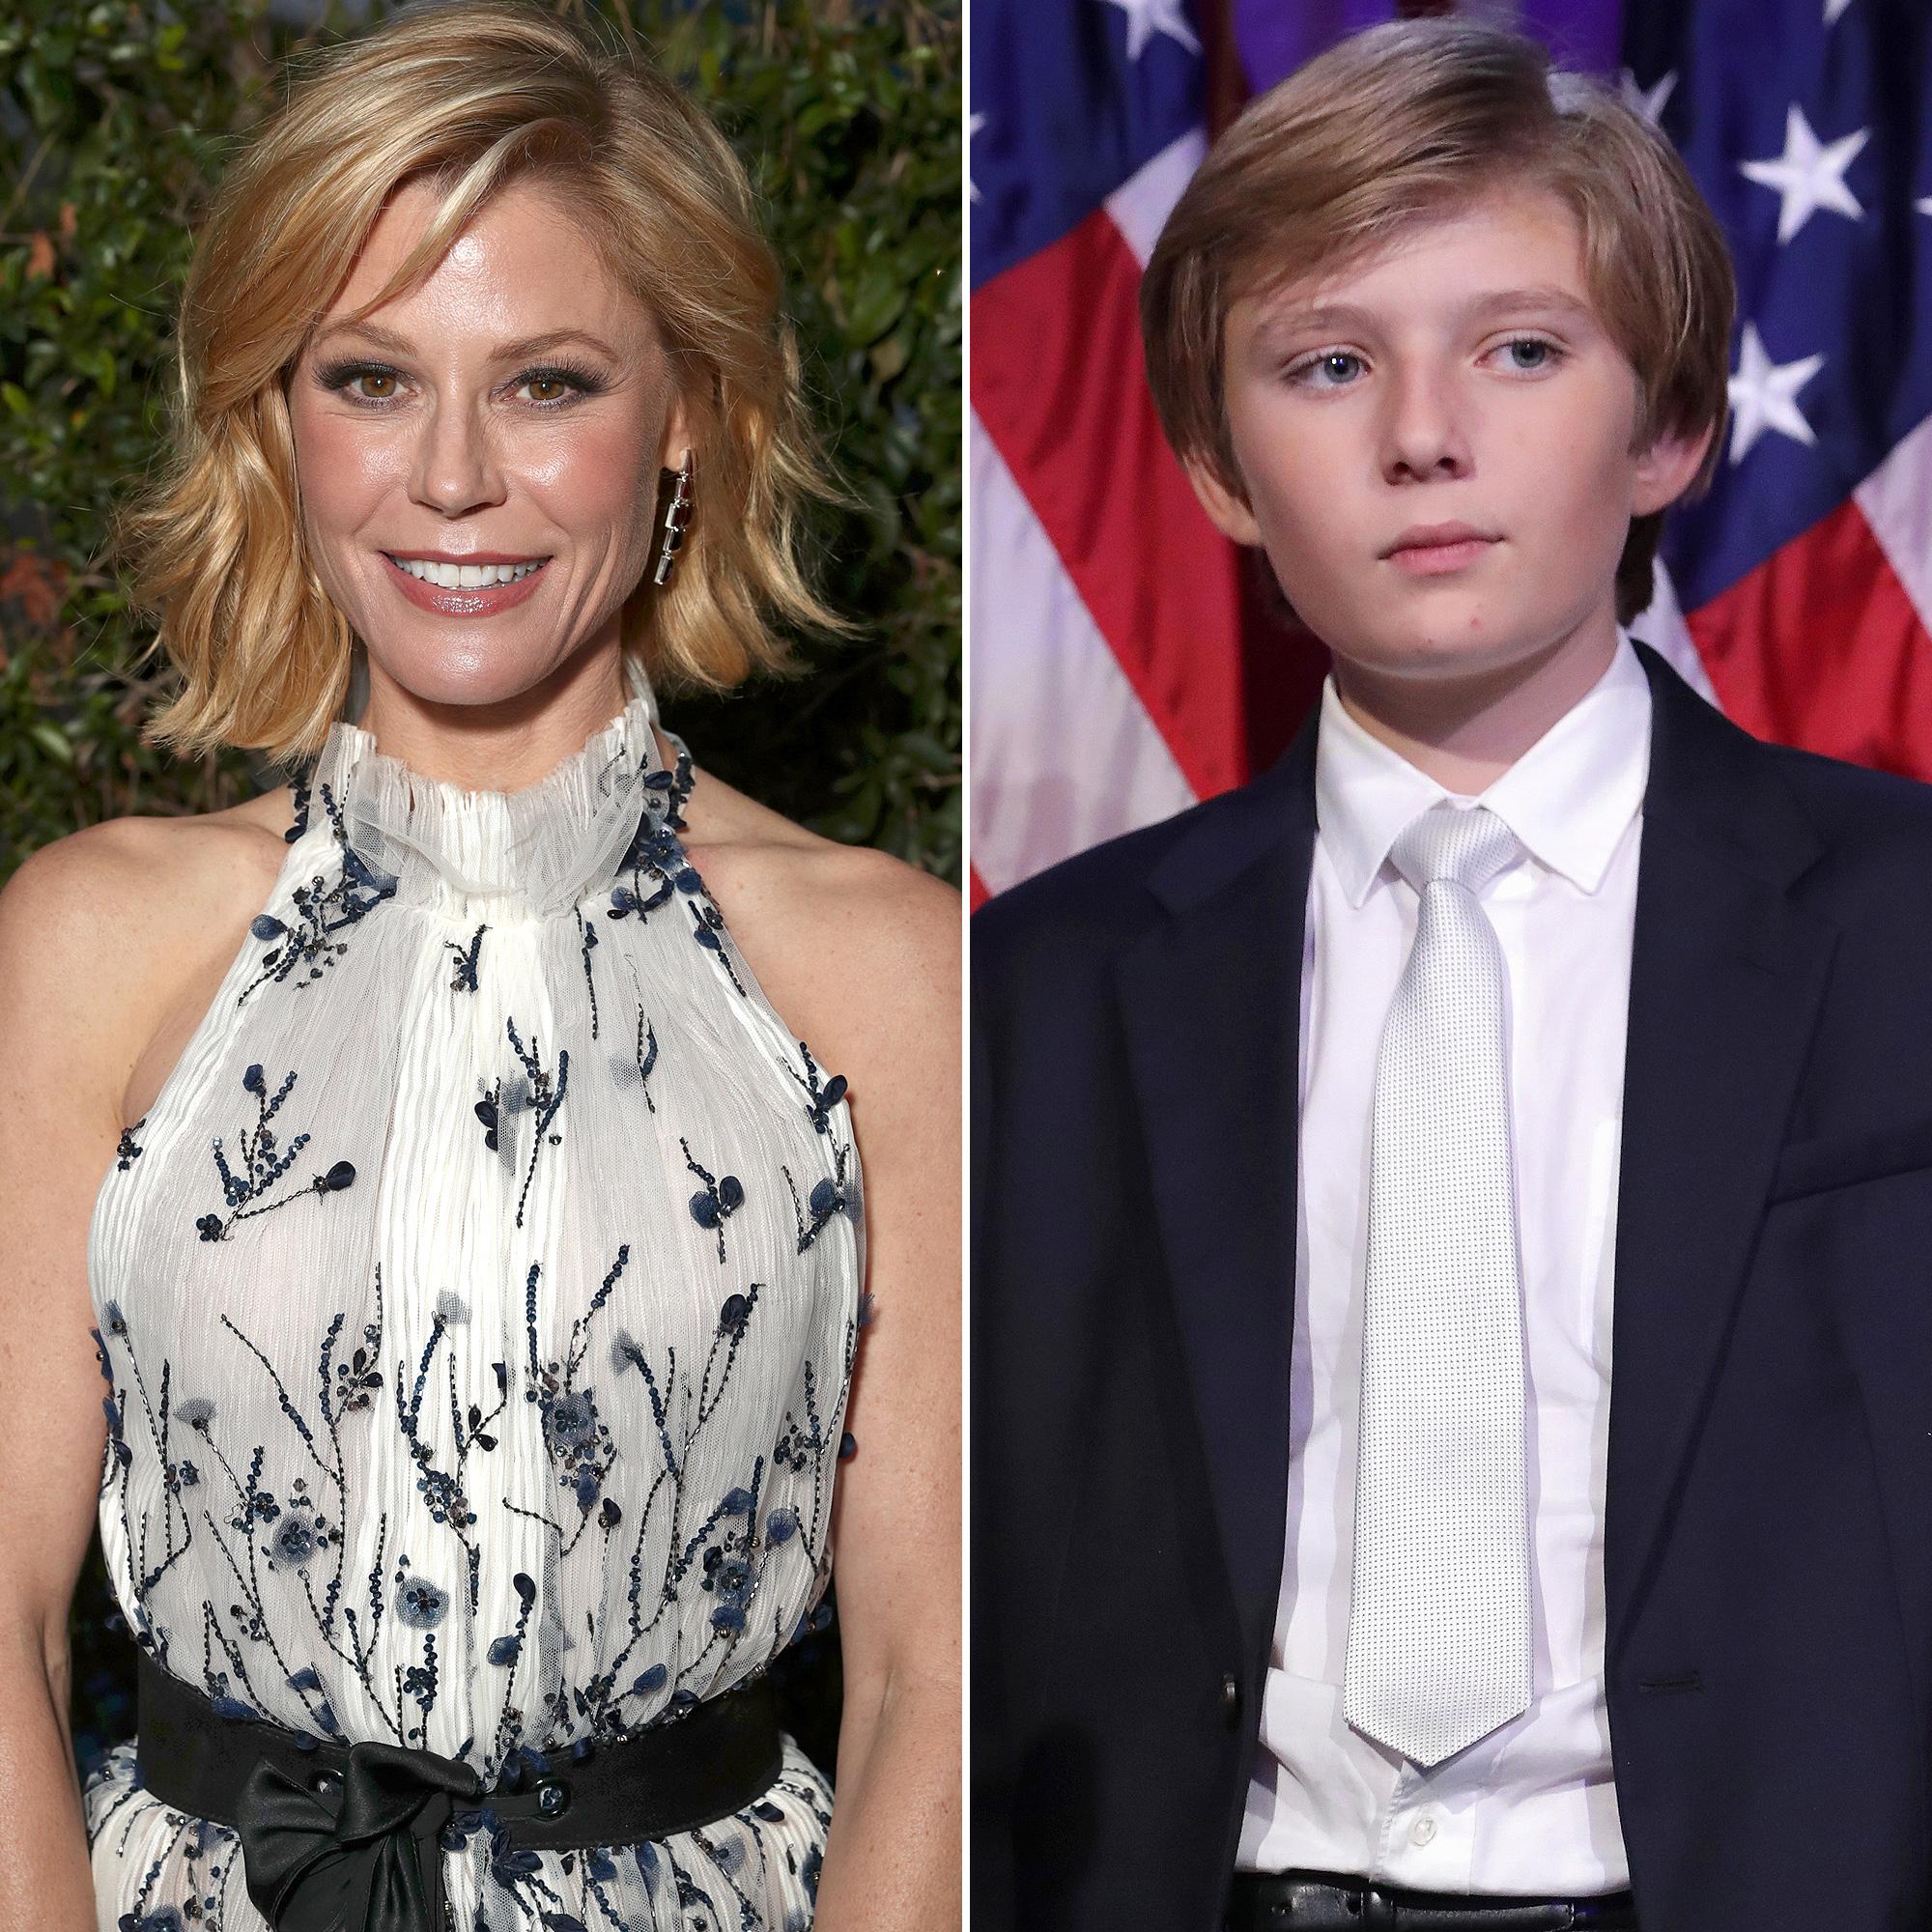 Julie Bowen and Barron Trump